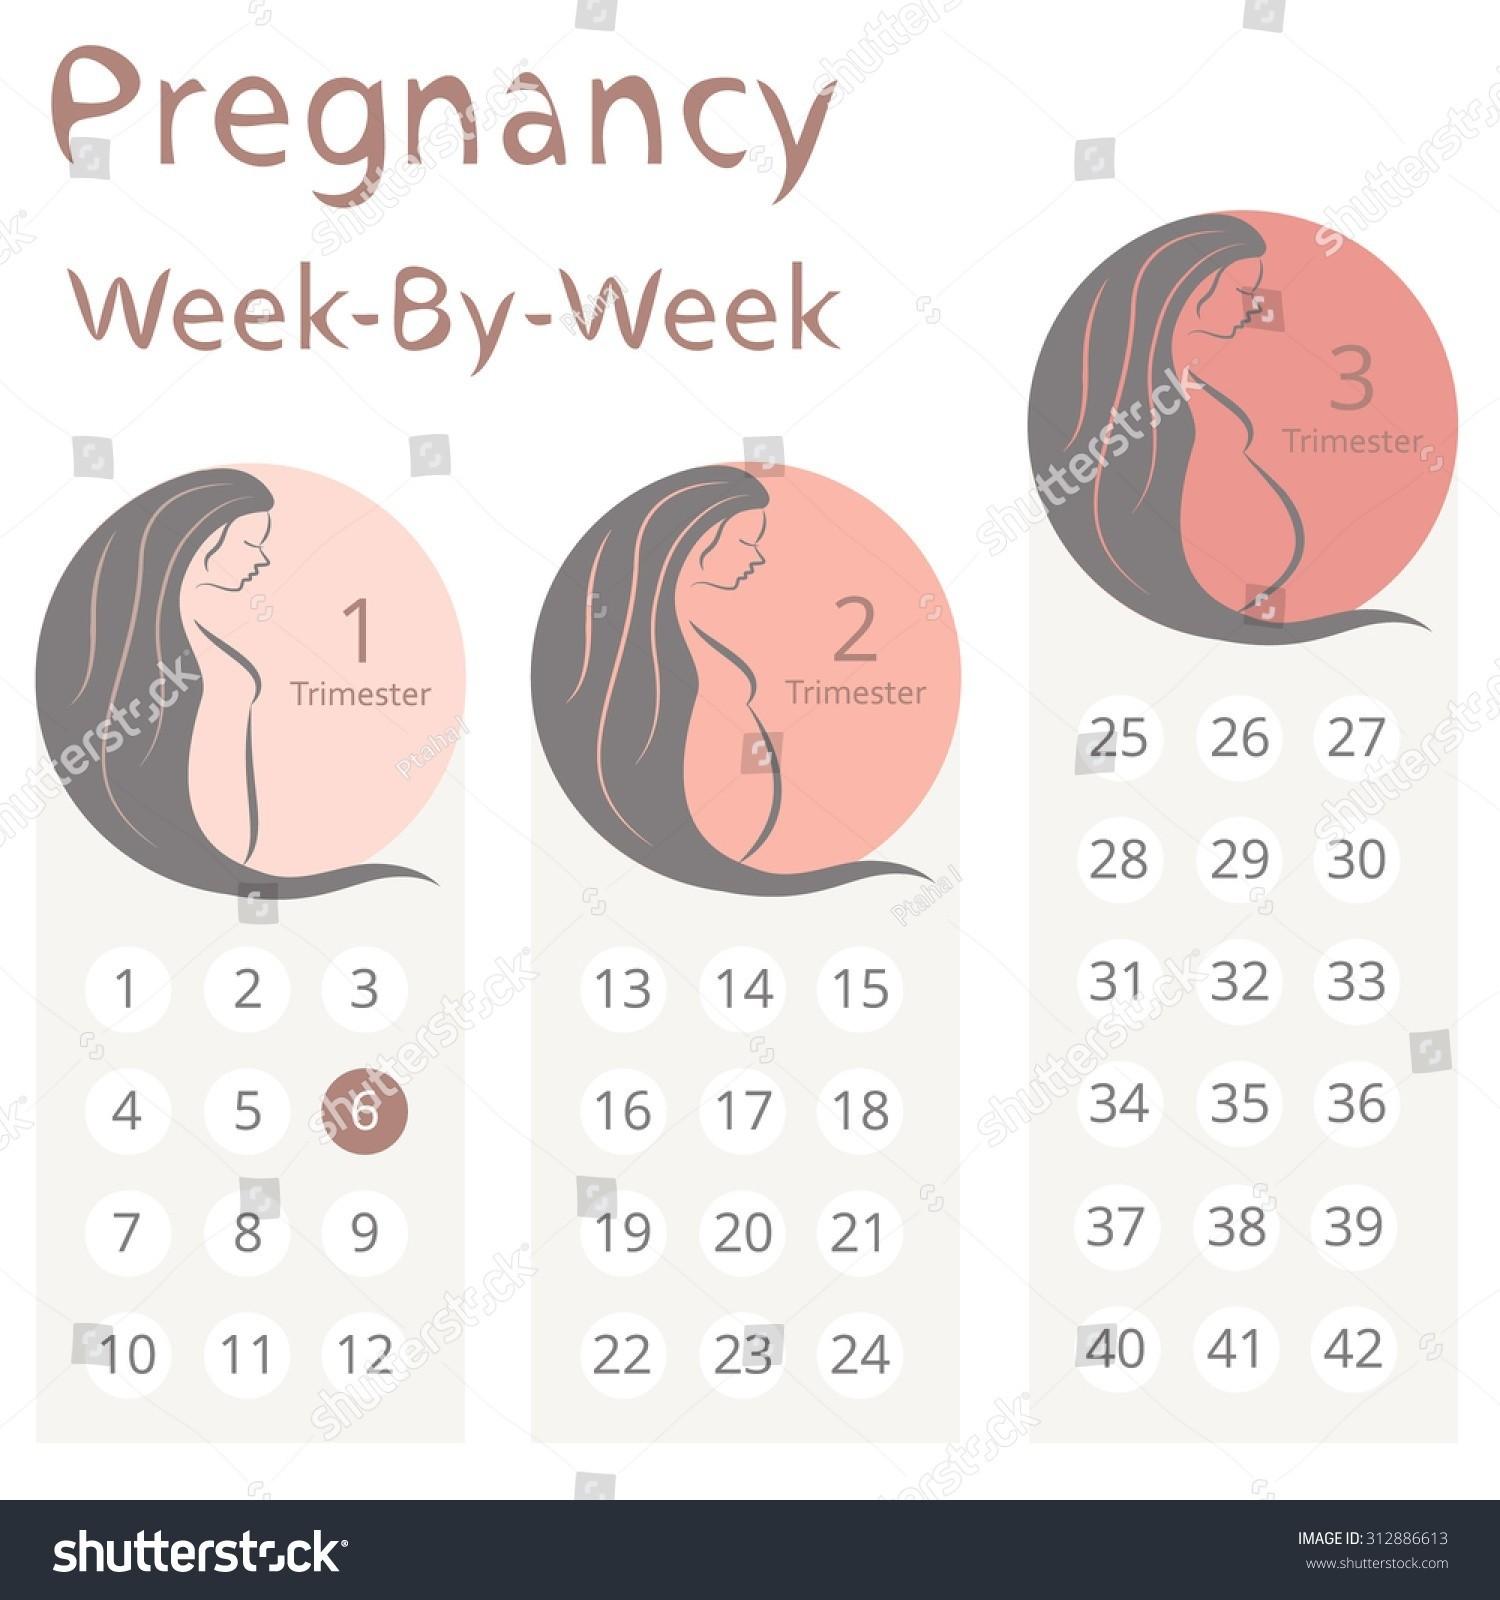 2019 Calendar with Week Numbers Excel Más Recientemente Liberado Weekly Pregnancy Calendar Week by Week Pregnancy Calendar